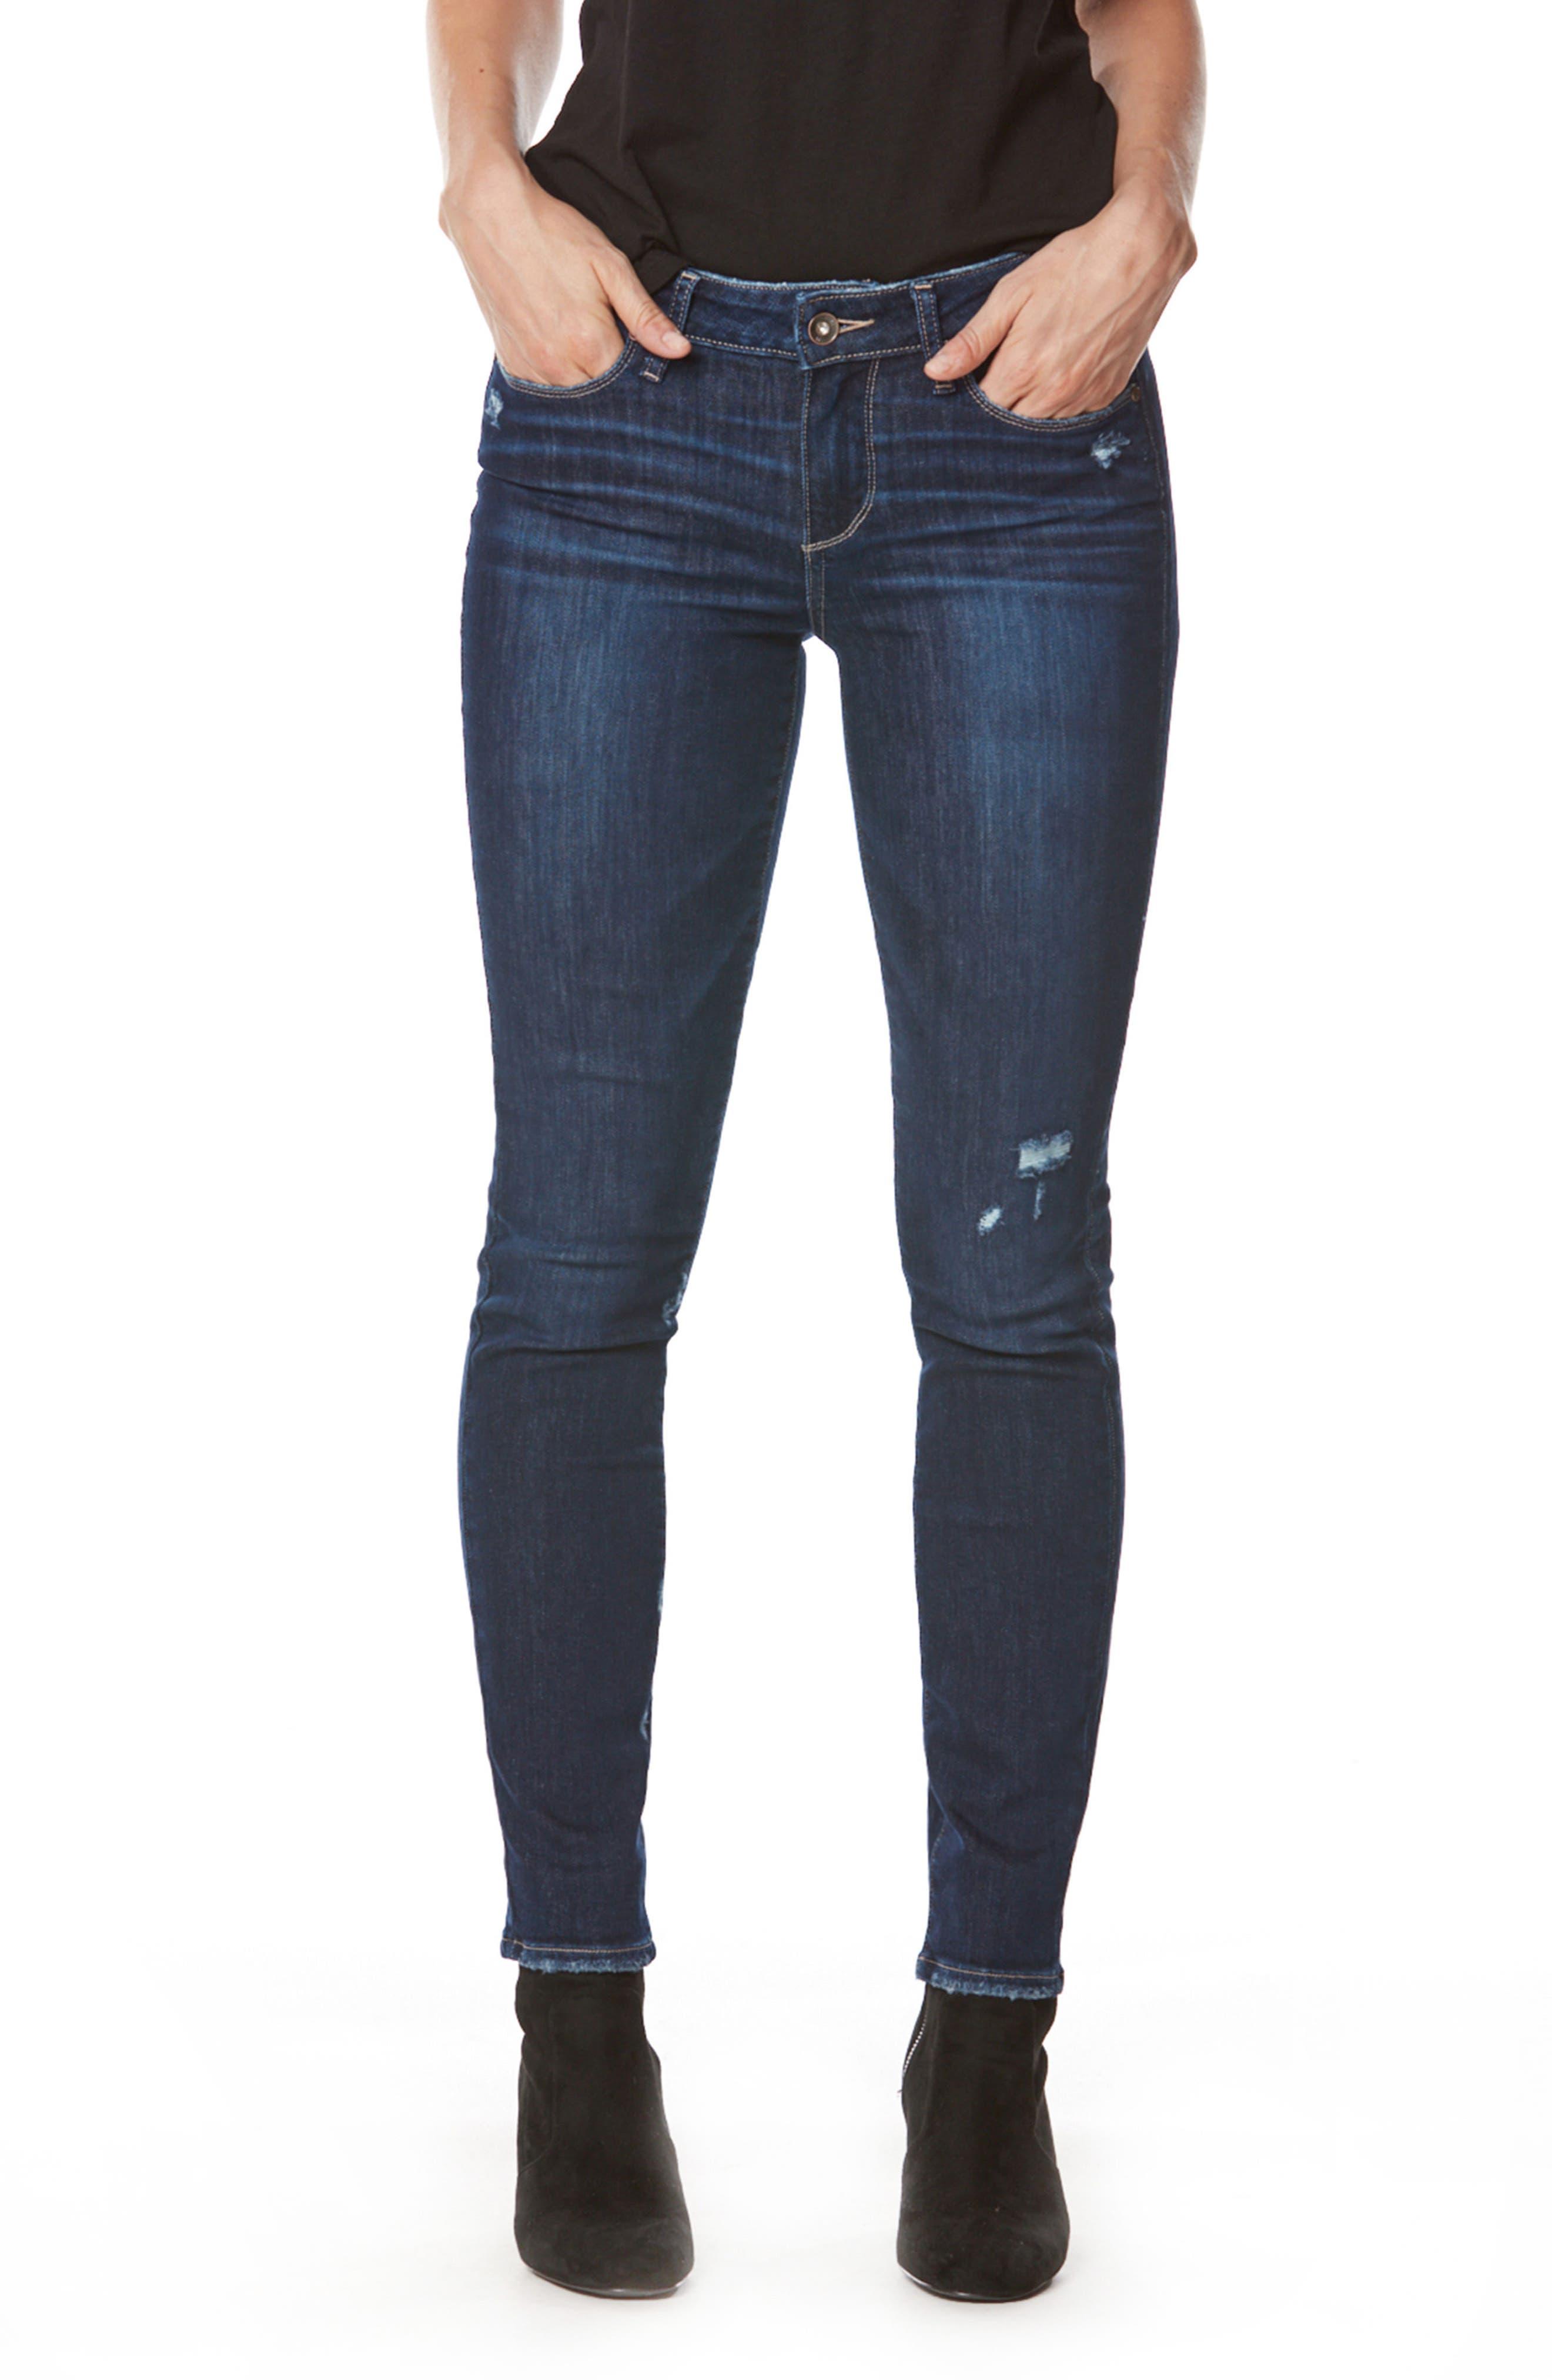 Transcend - Verdugo Ultra Skinny Jeans,                         Main,                         color, Davidson Destructed